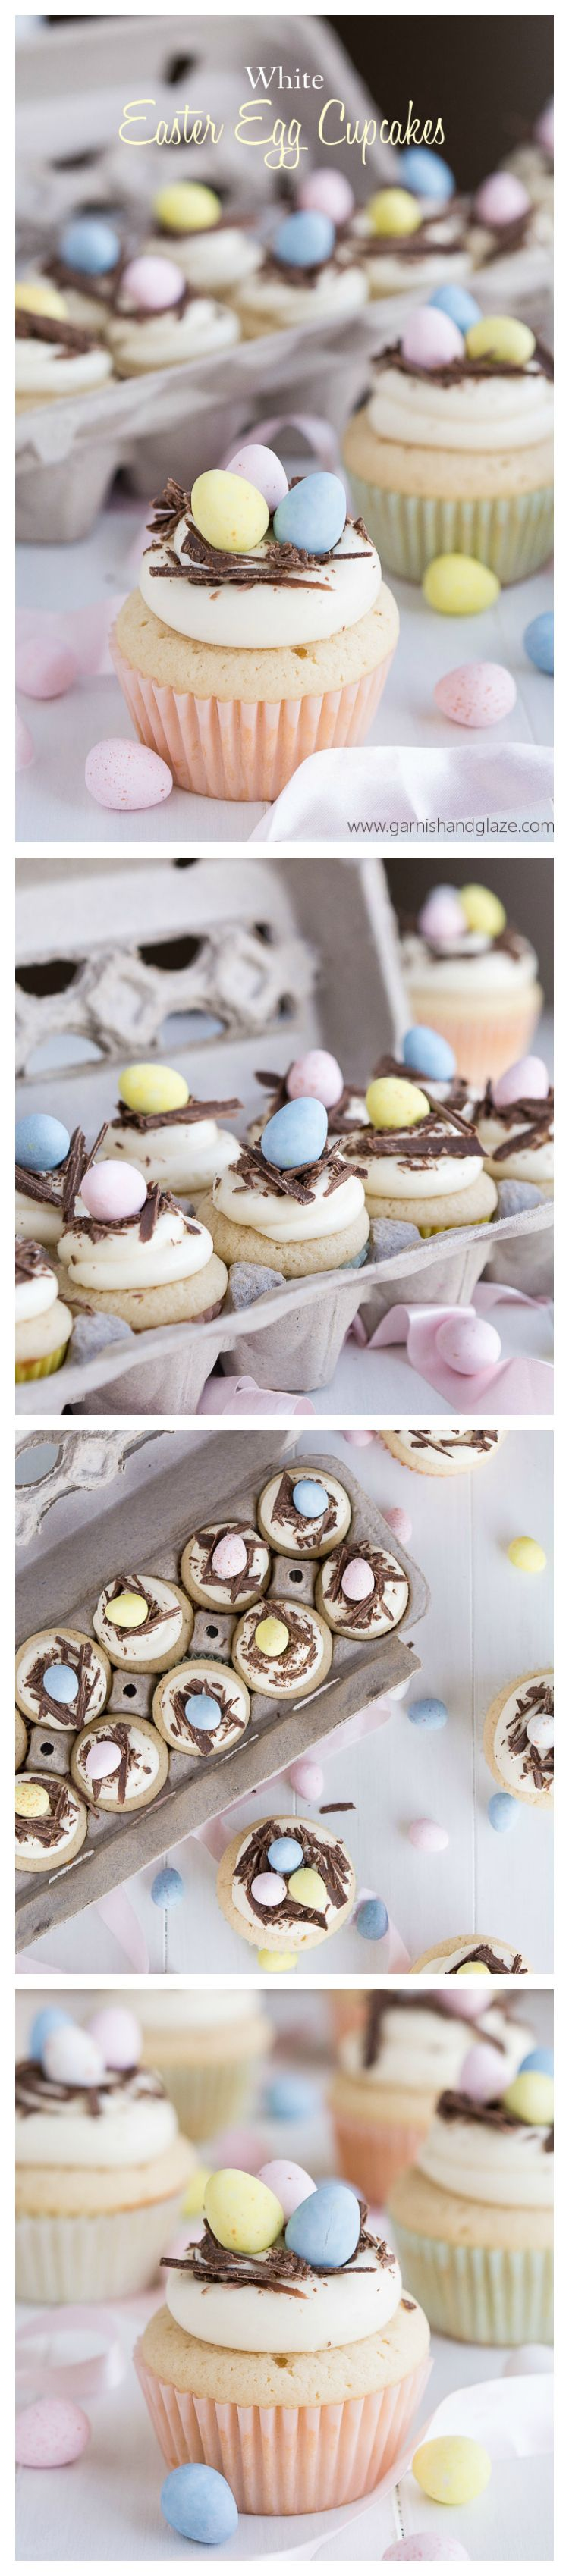 White Easter Egg Cupcakes Recipe Things I Like